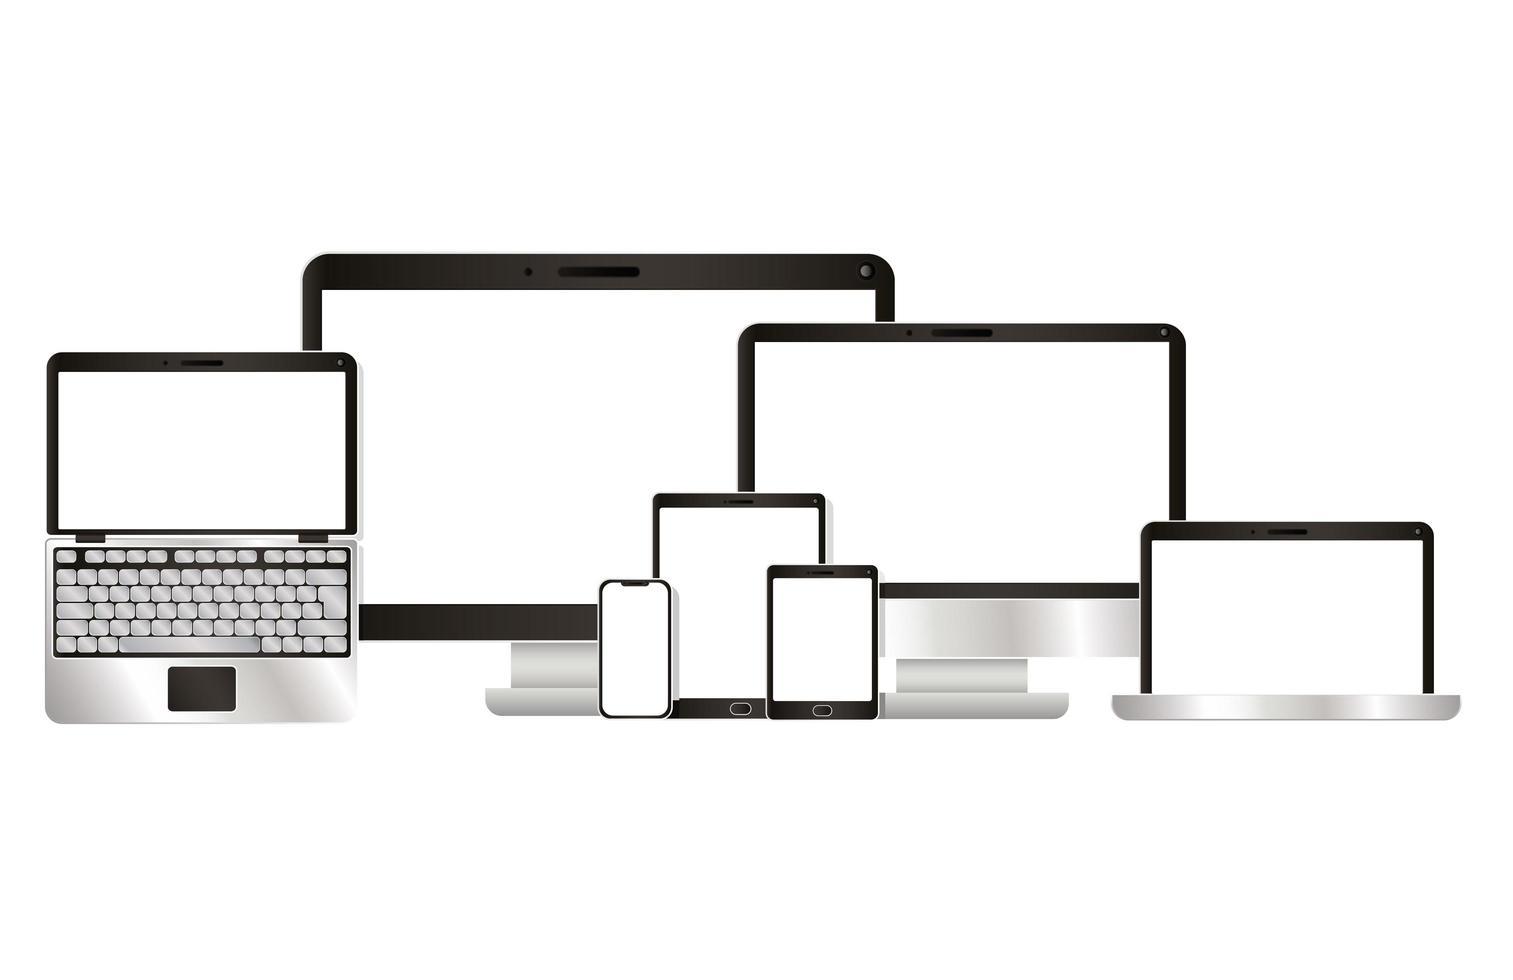 design di tablet e smartphone per computer laptop vettore